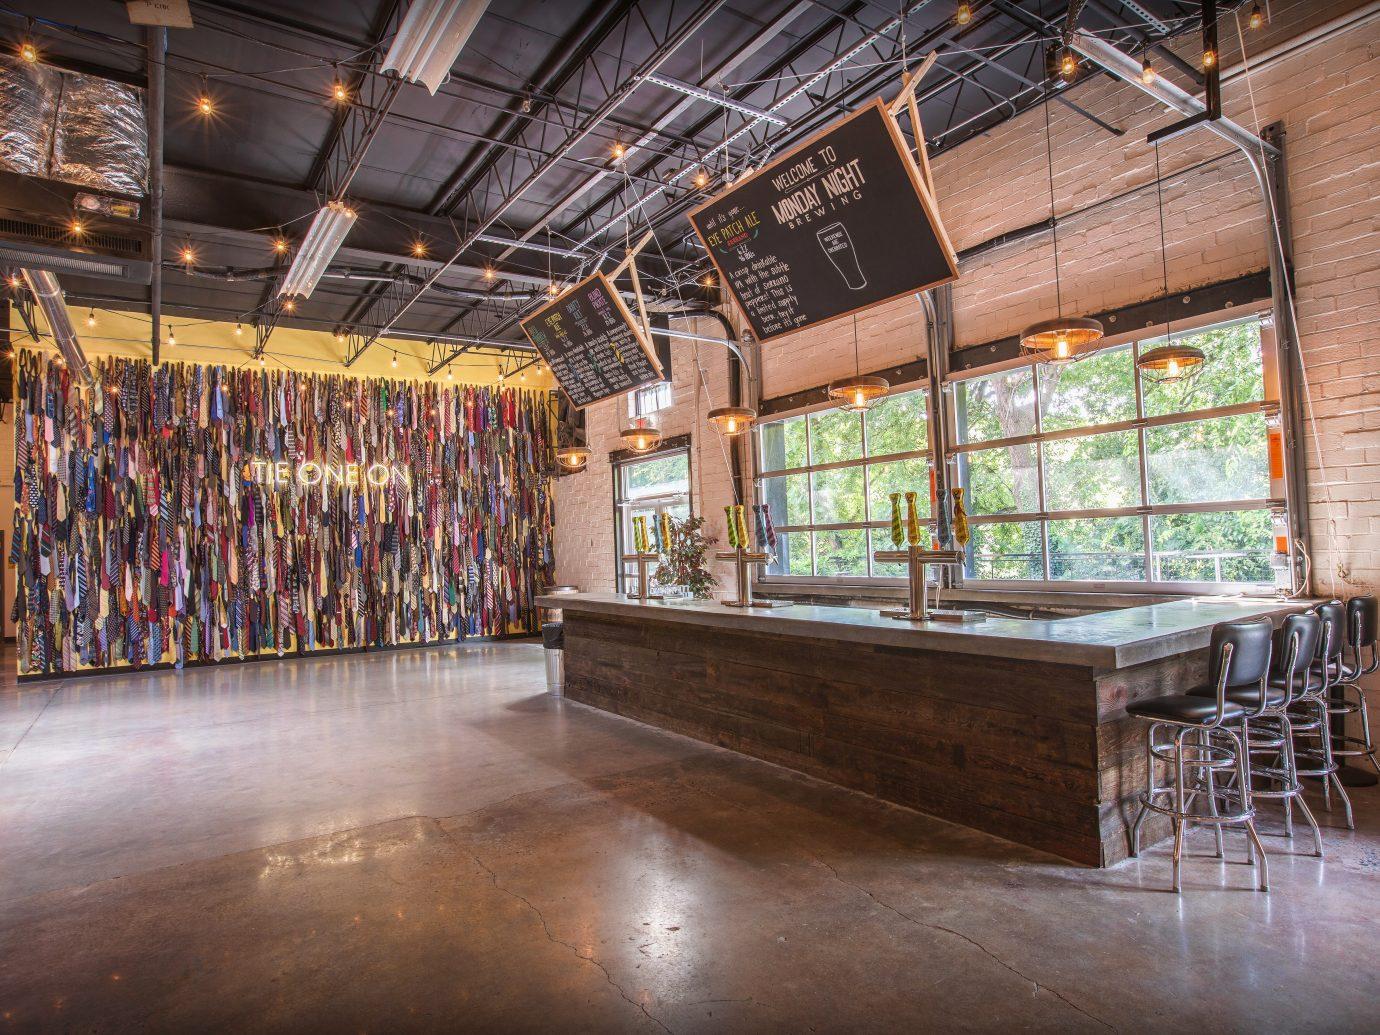 Monday Night Brewing interior